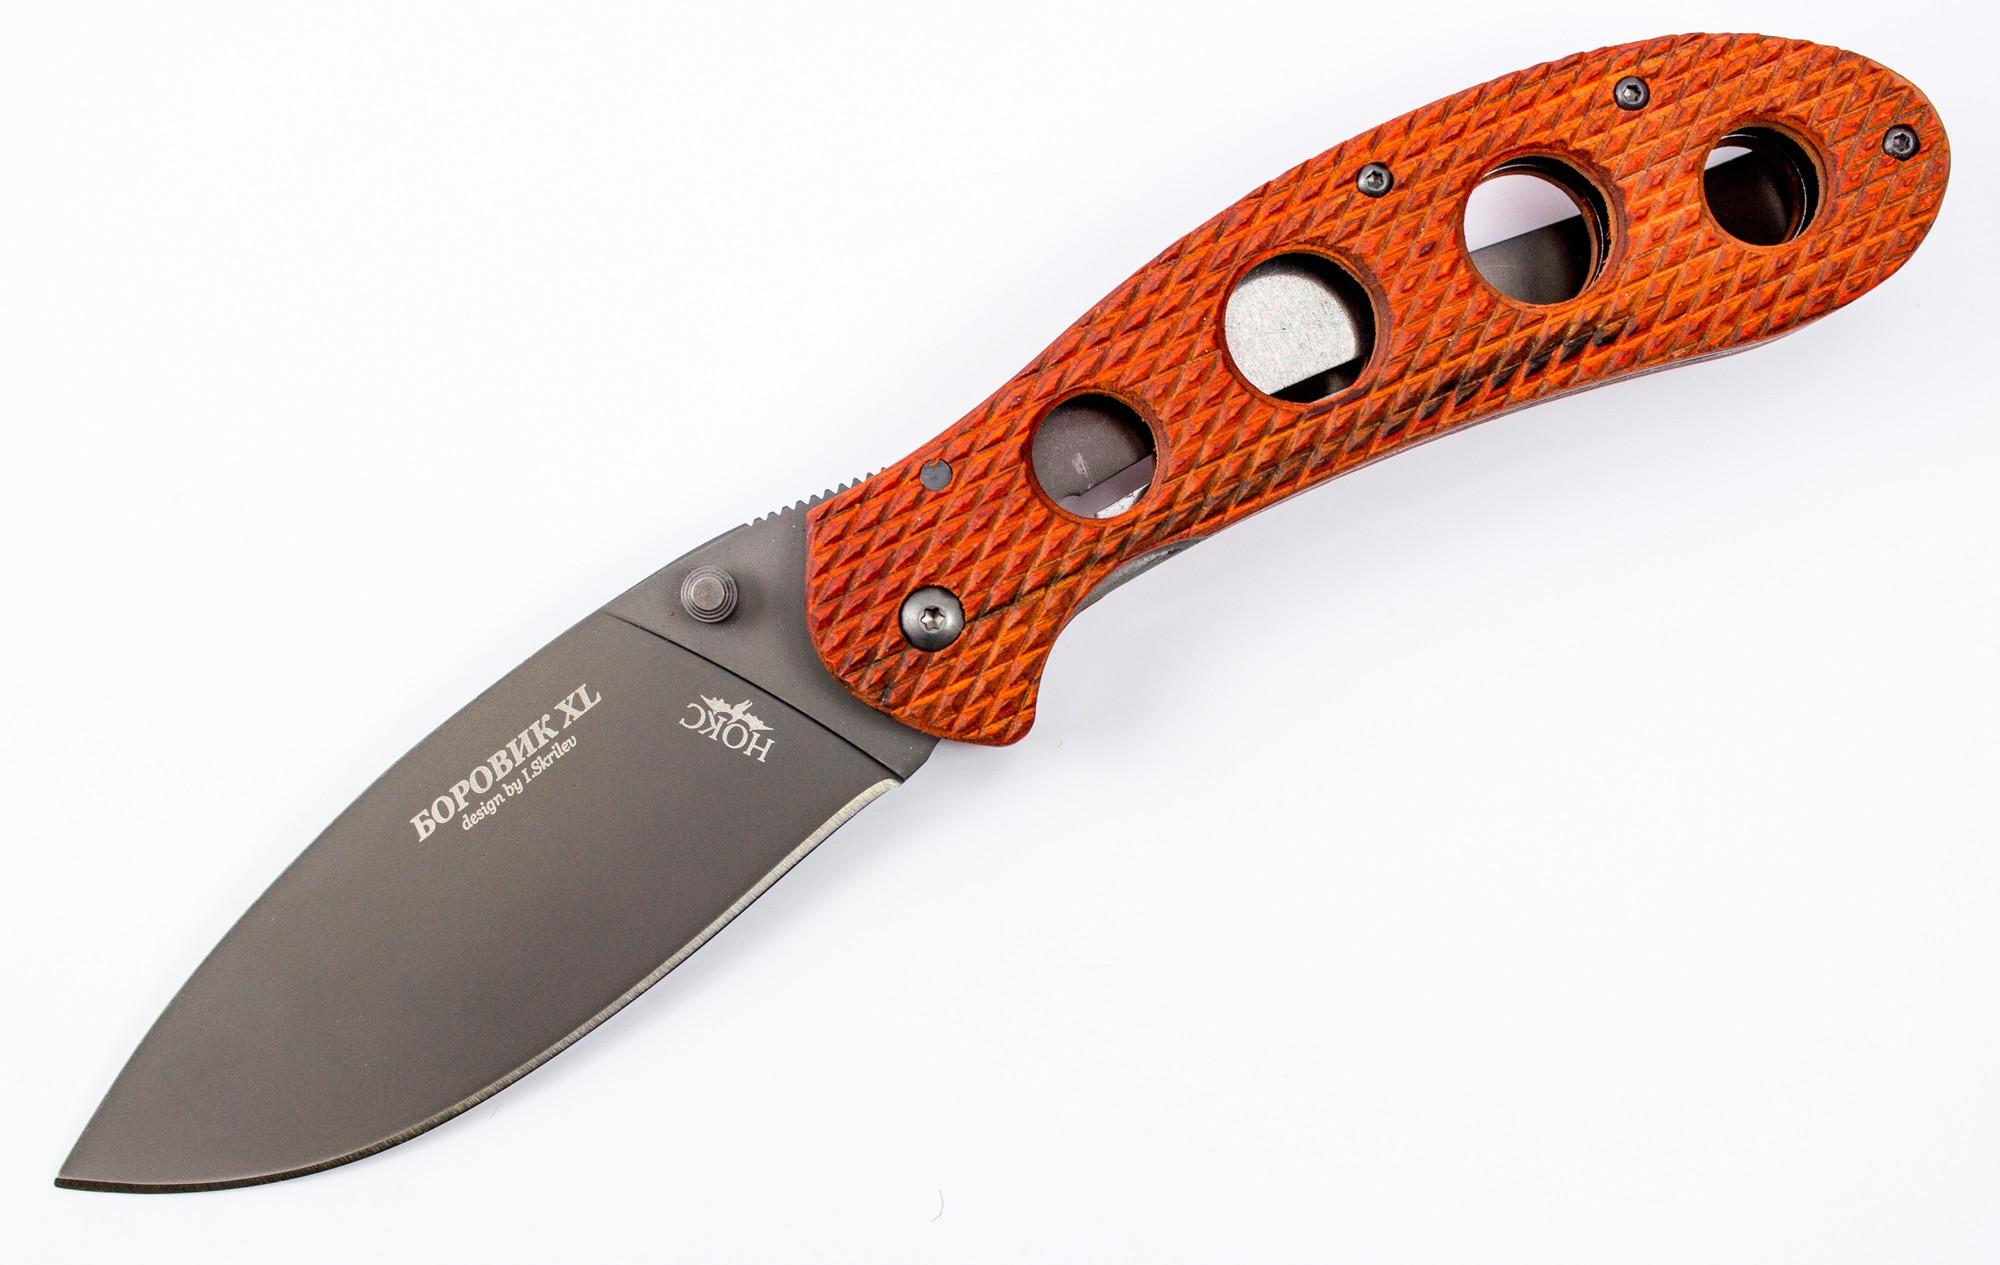 Складной нож Боровик XLРаскладные ножи<br>Складной грибной нож Боровик XLНож Боровик XL с деревянными накладками на рукоятке и титановым покрытием металла.<br>